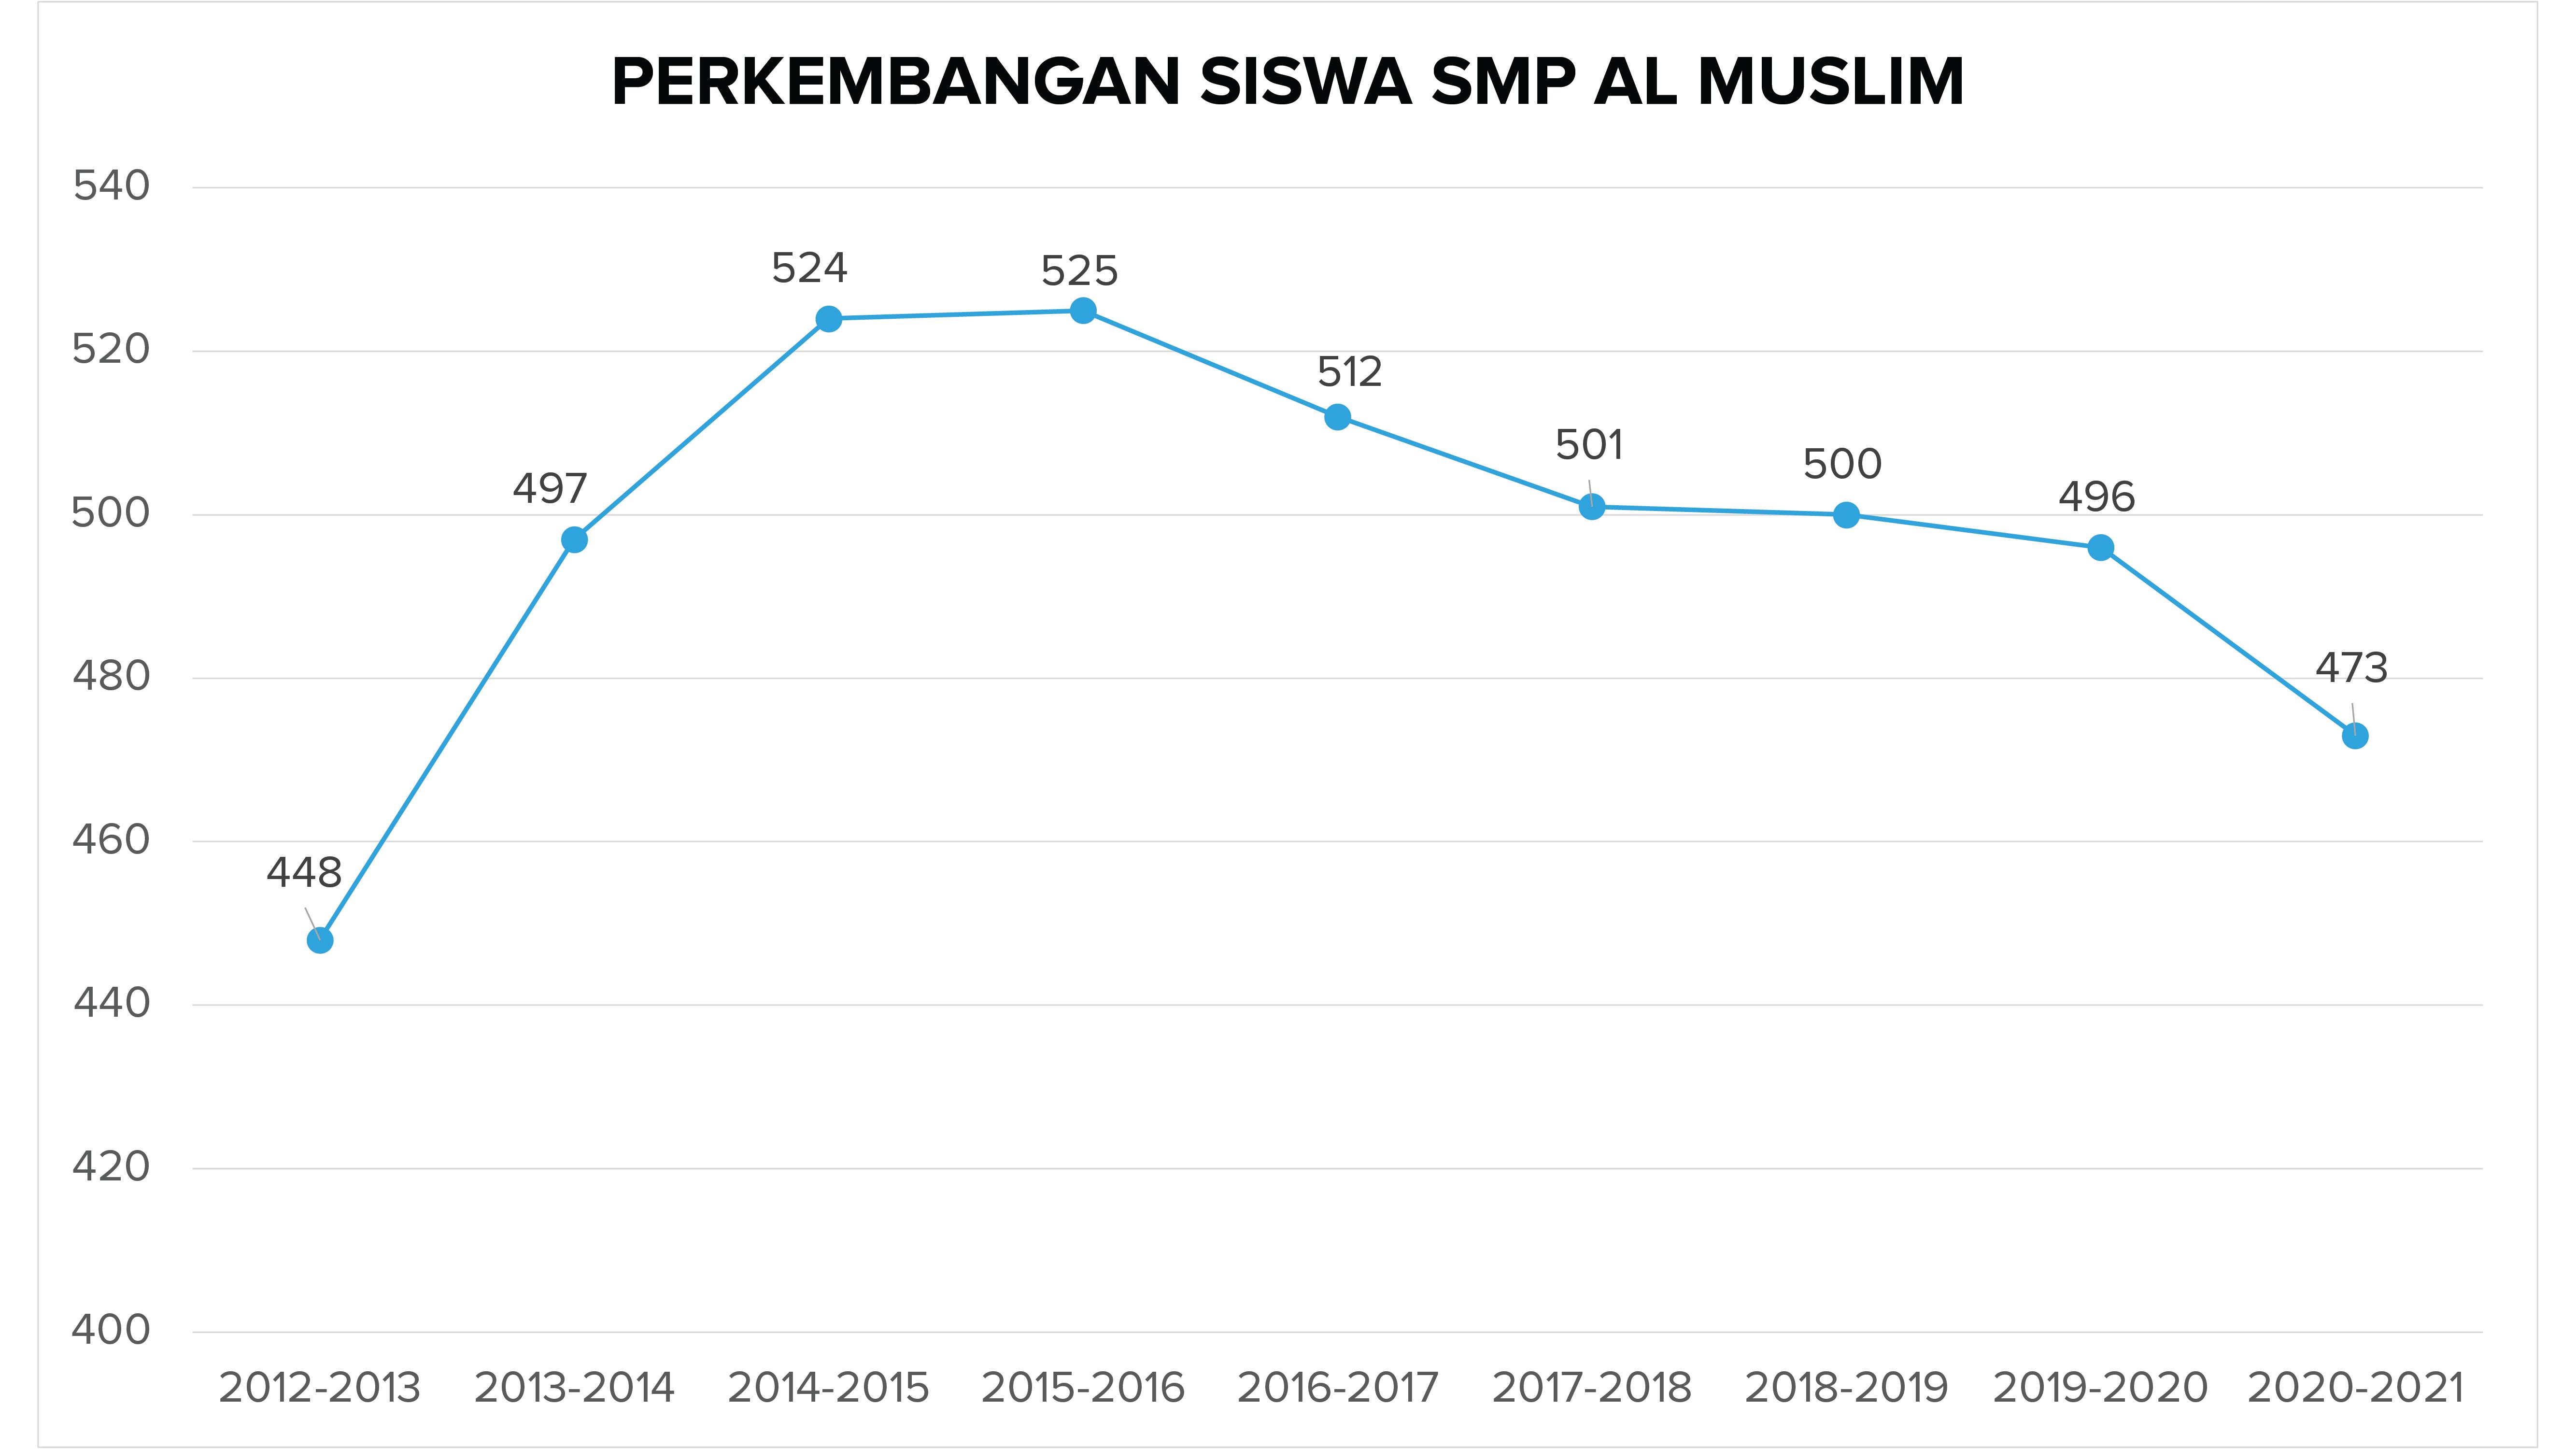 Perkembangan Siswa SMP Al Muslim